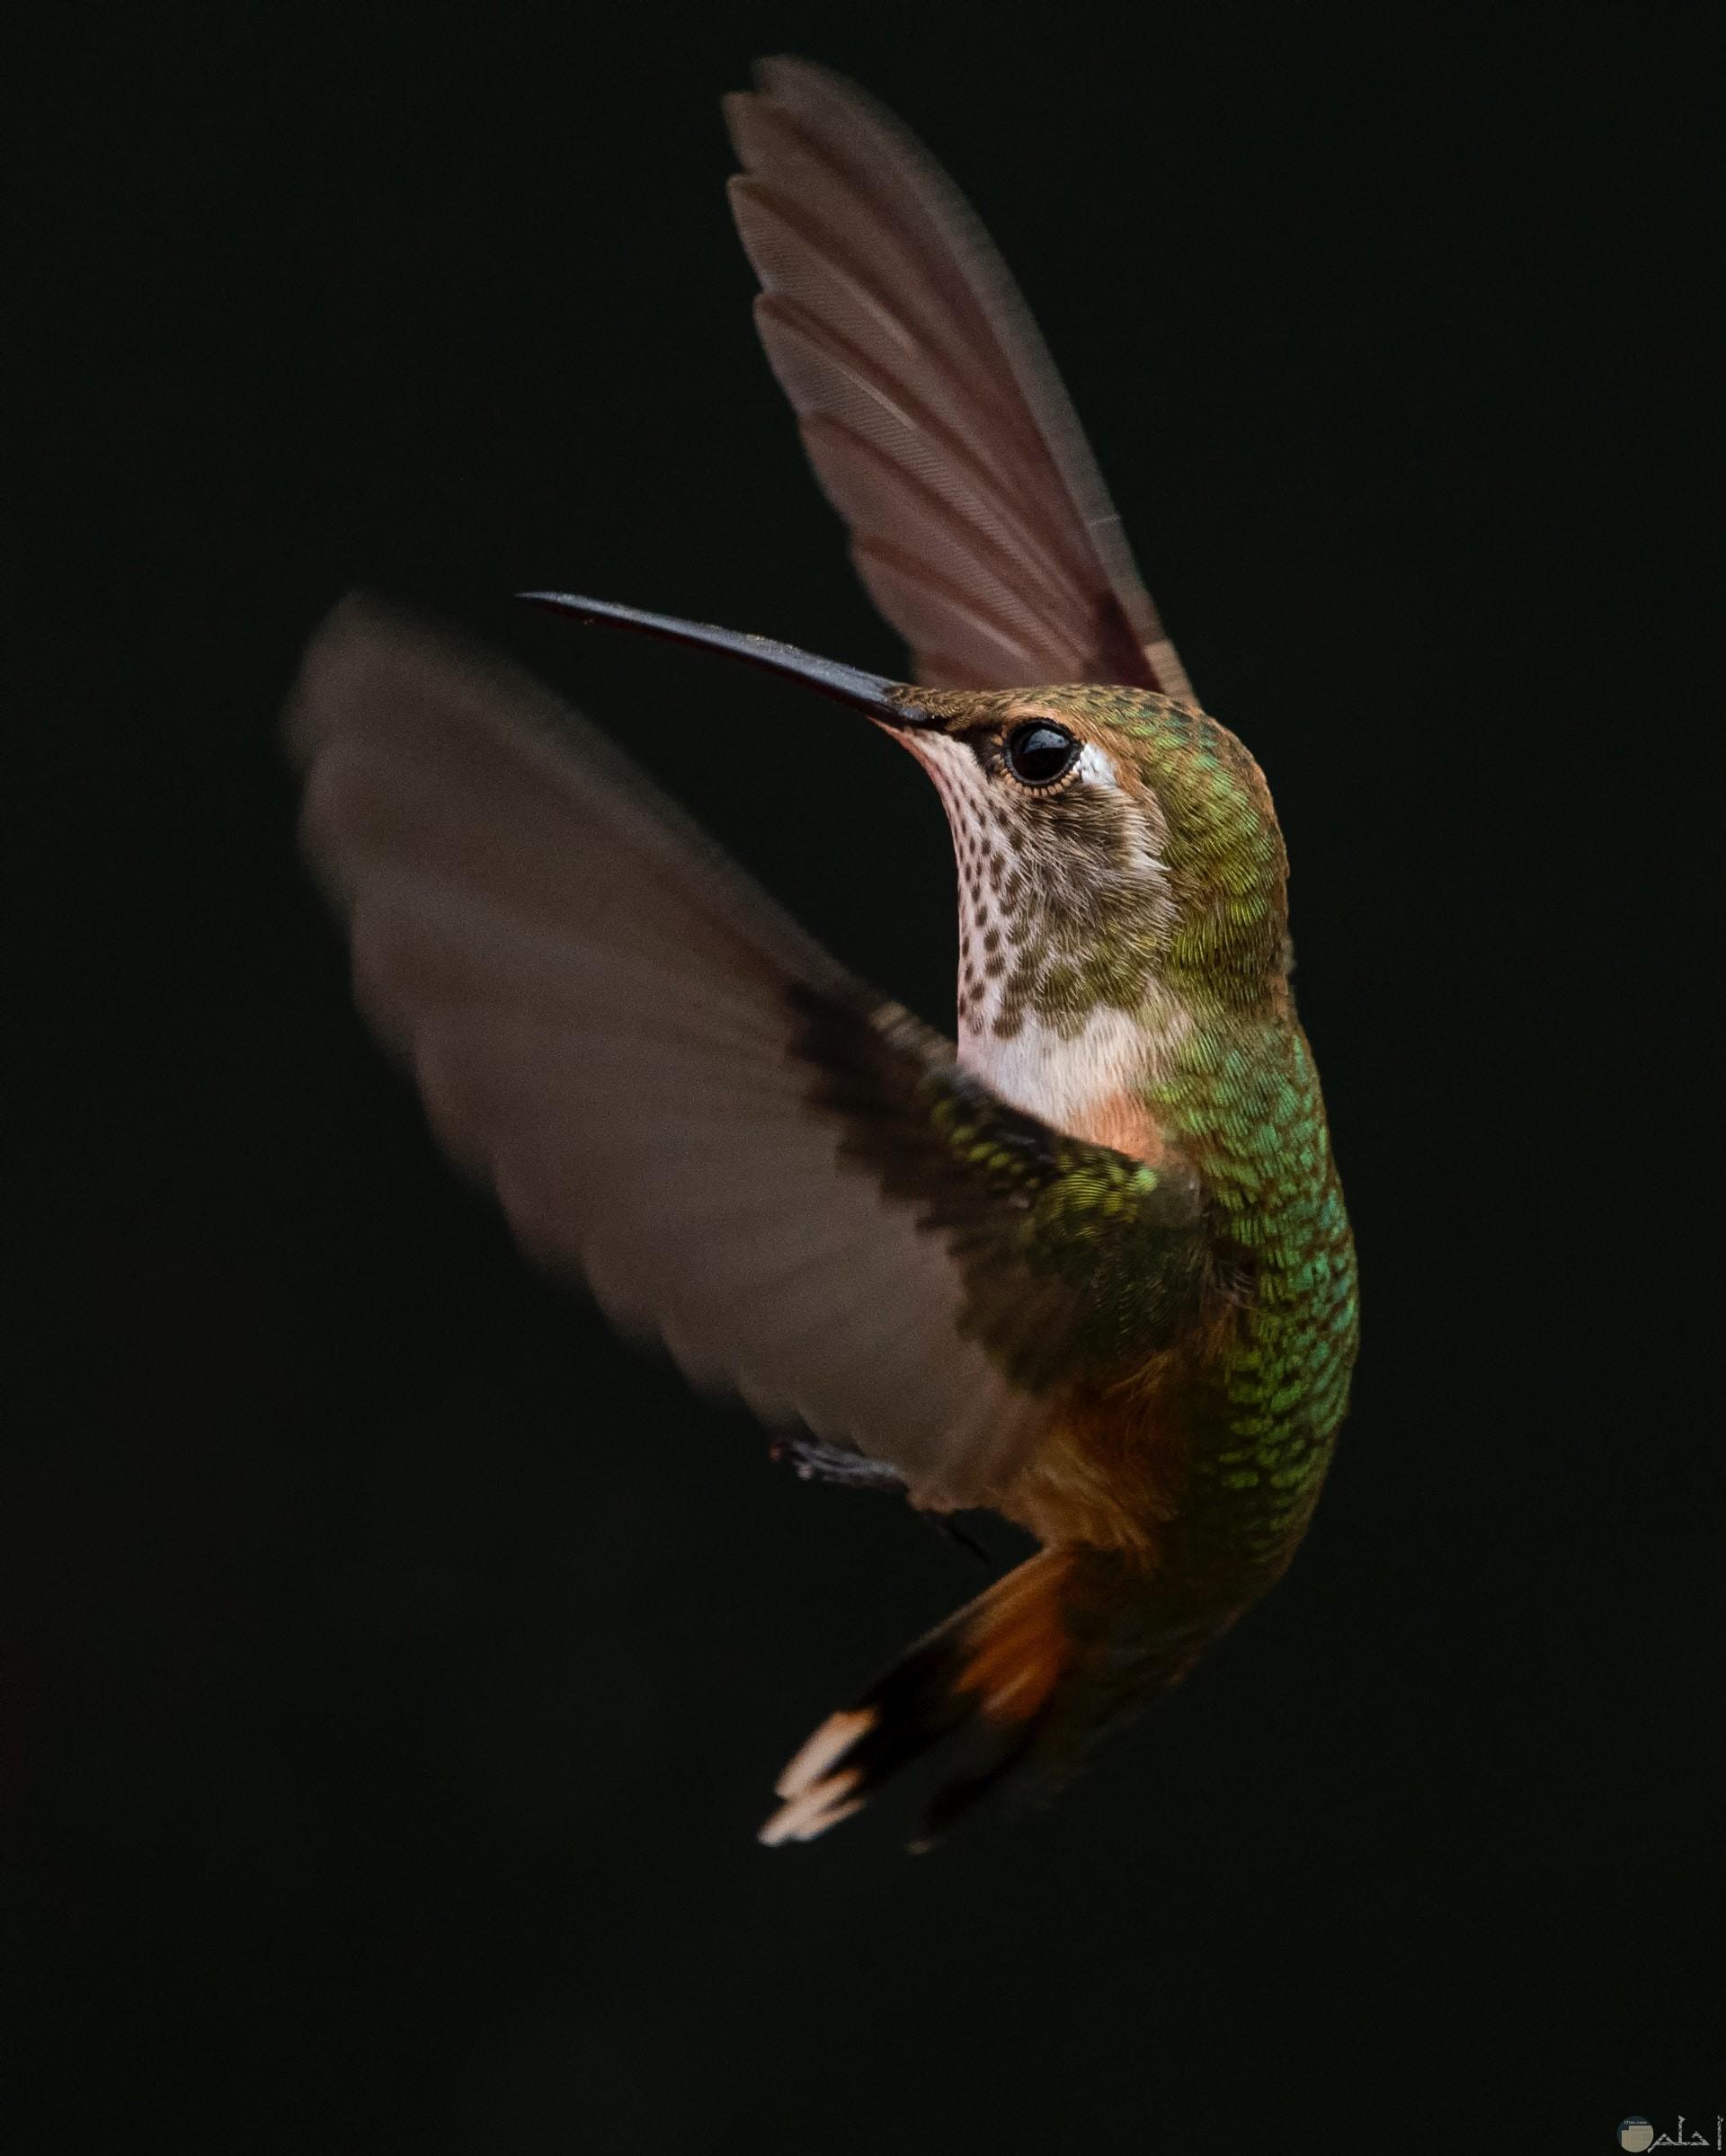 صورة جميلة جدا لطائر الطنان وهو فارد جناحيه في الهواء